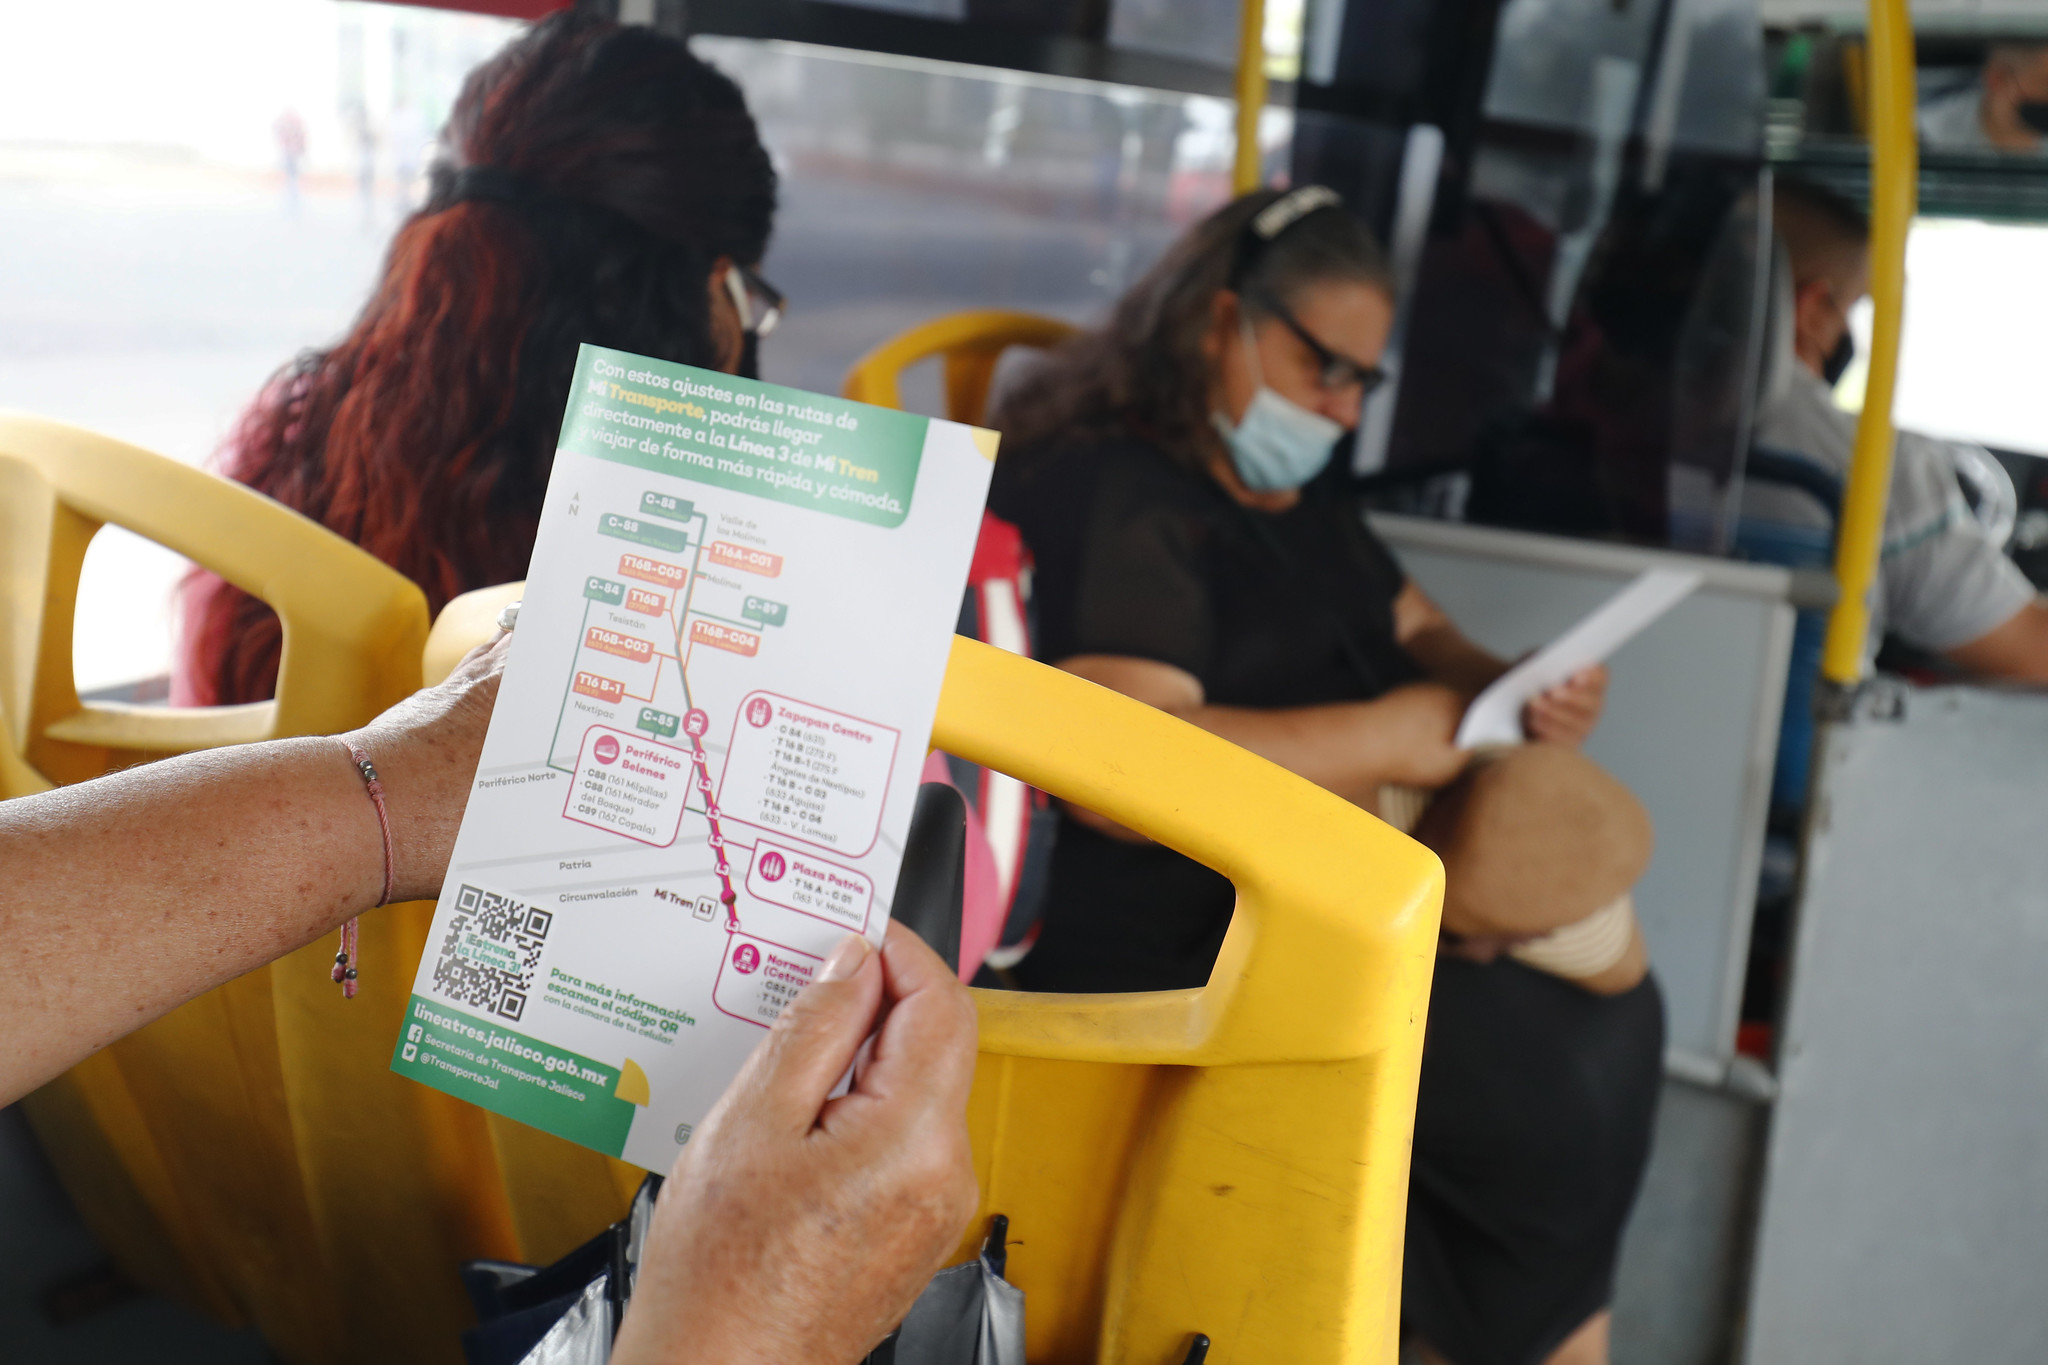 Inician ajustes en Zona 2 de rutas de transporte público por el arranque de la Línea 3